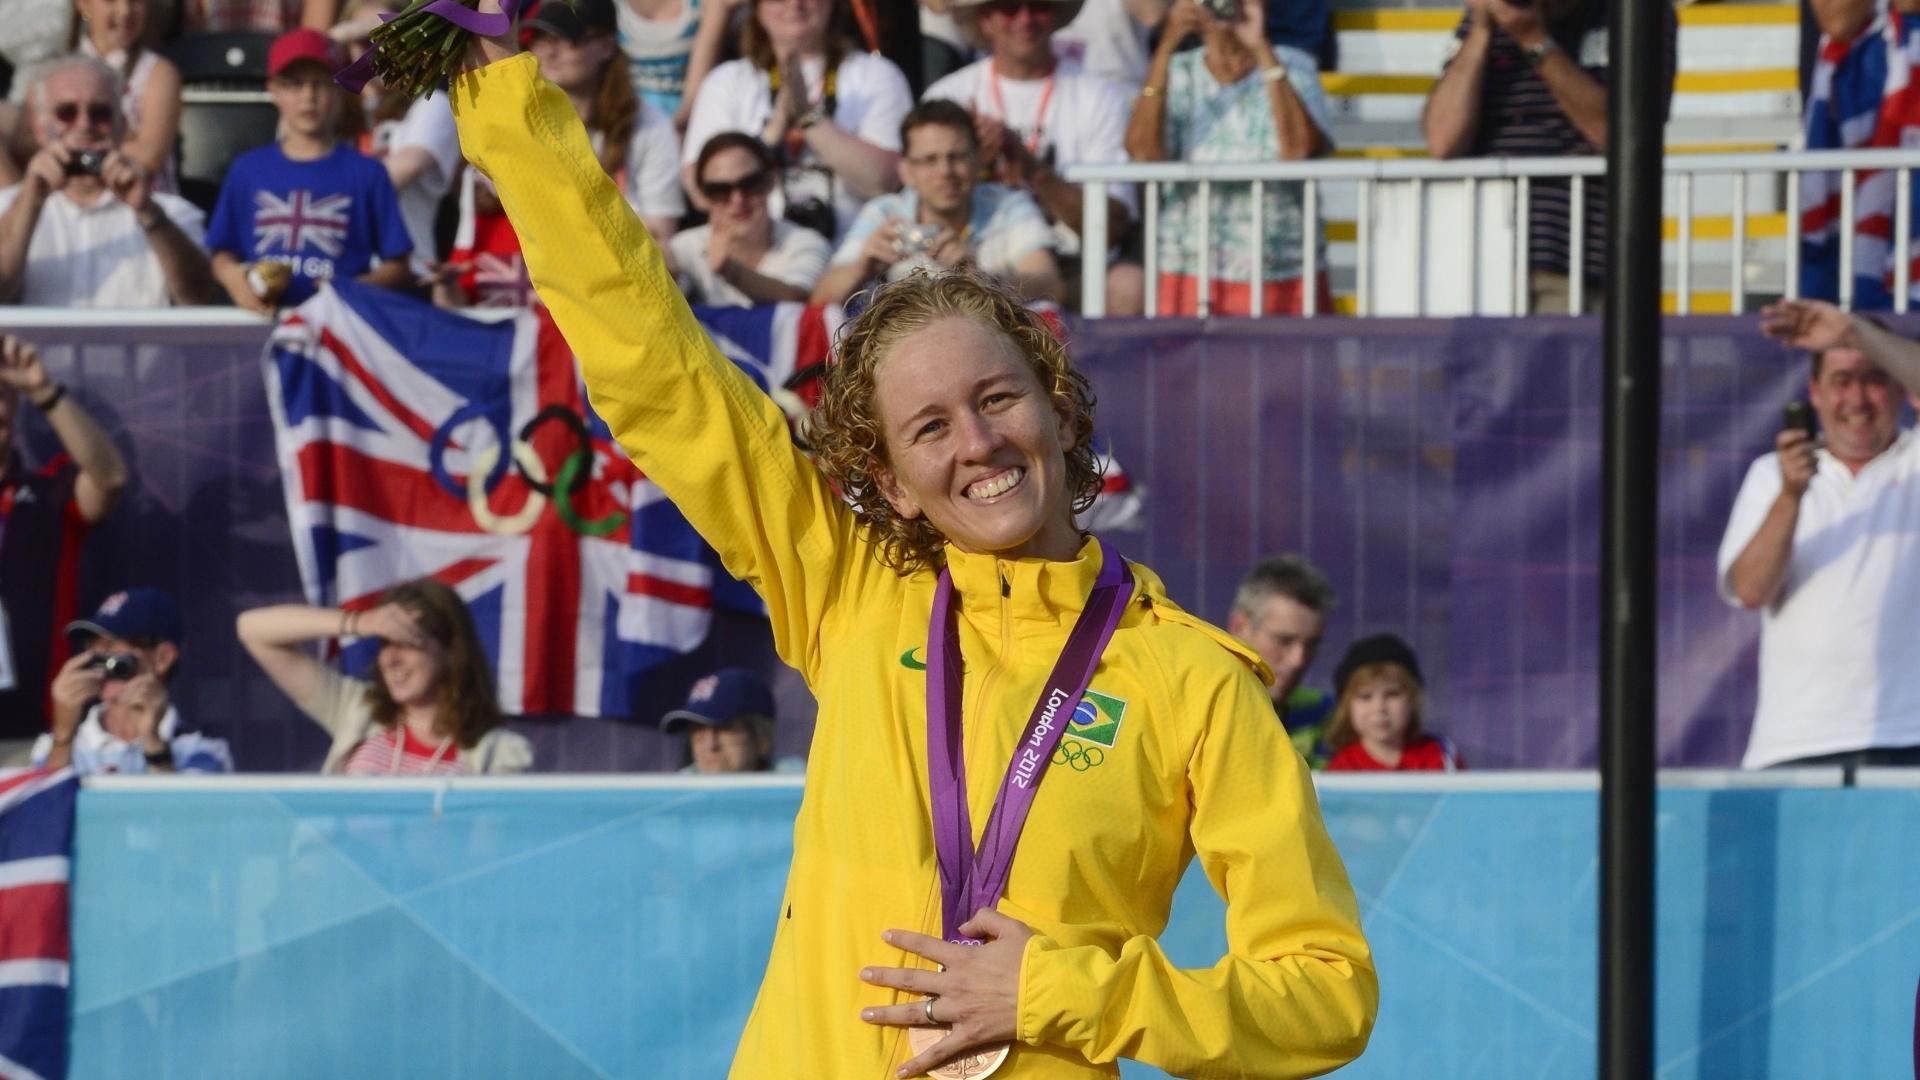 Yane Marques posa com medalha de bronze do pentatlo moderno